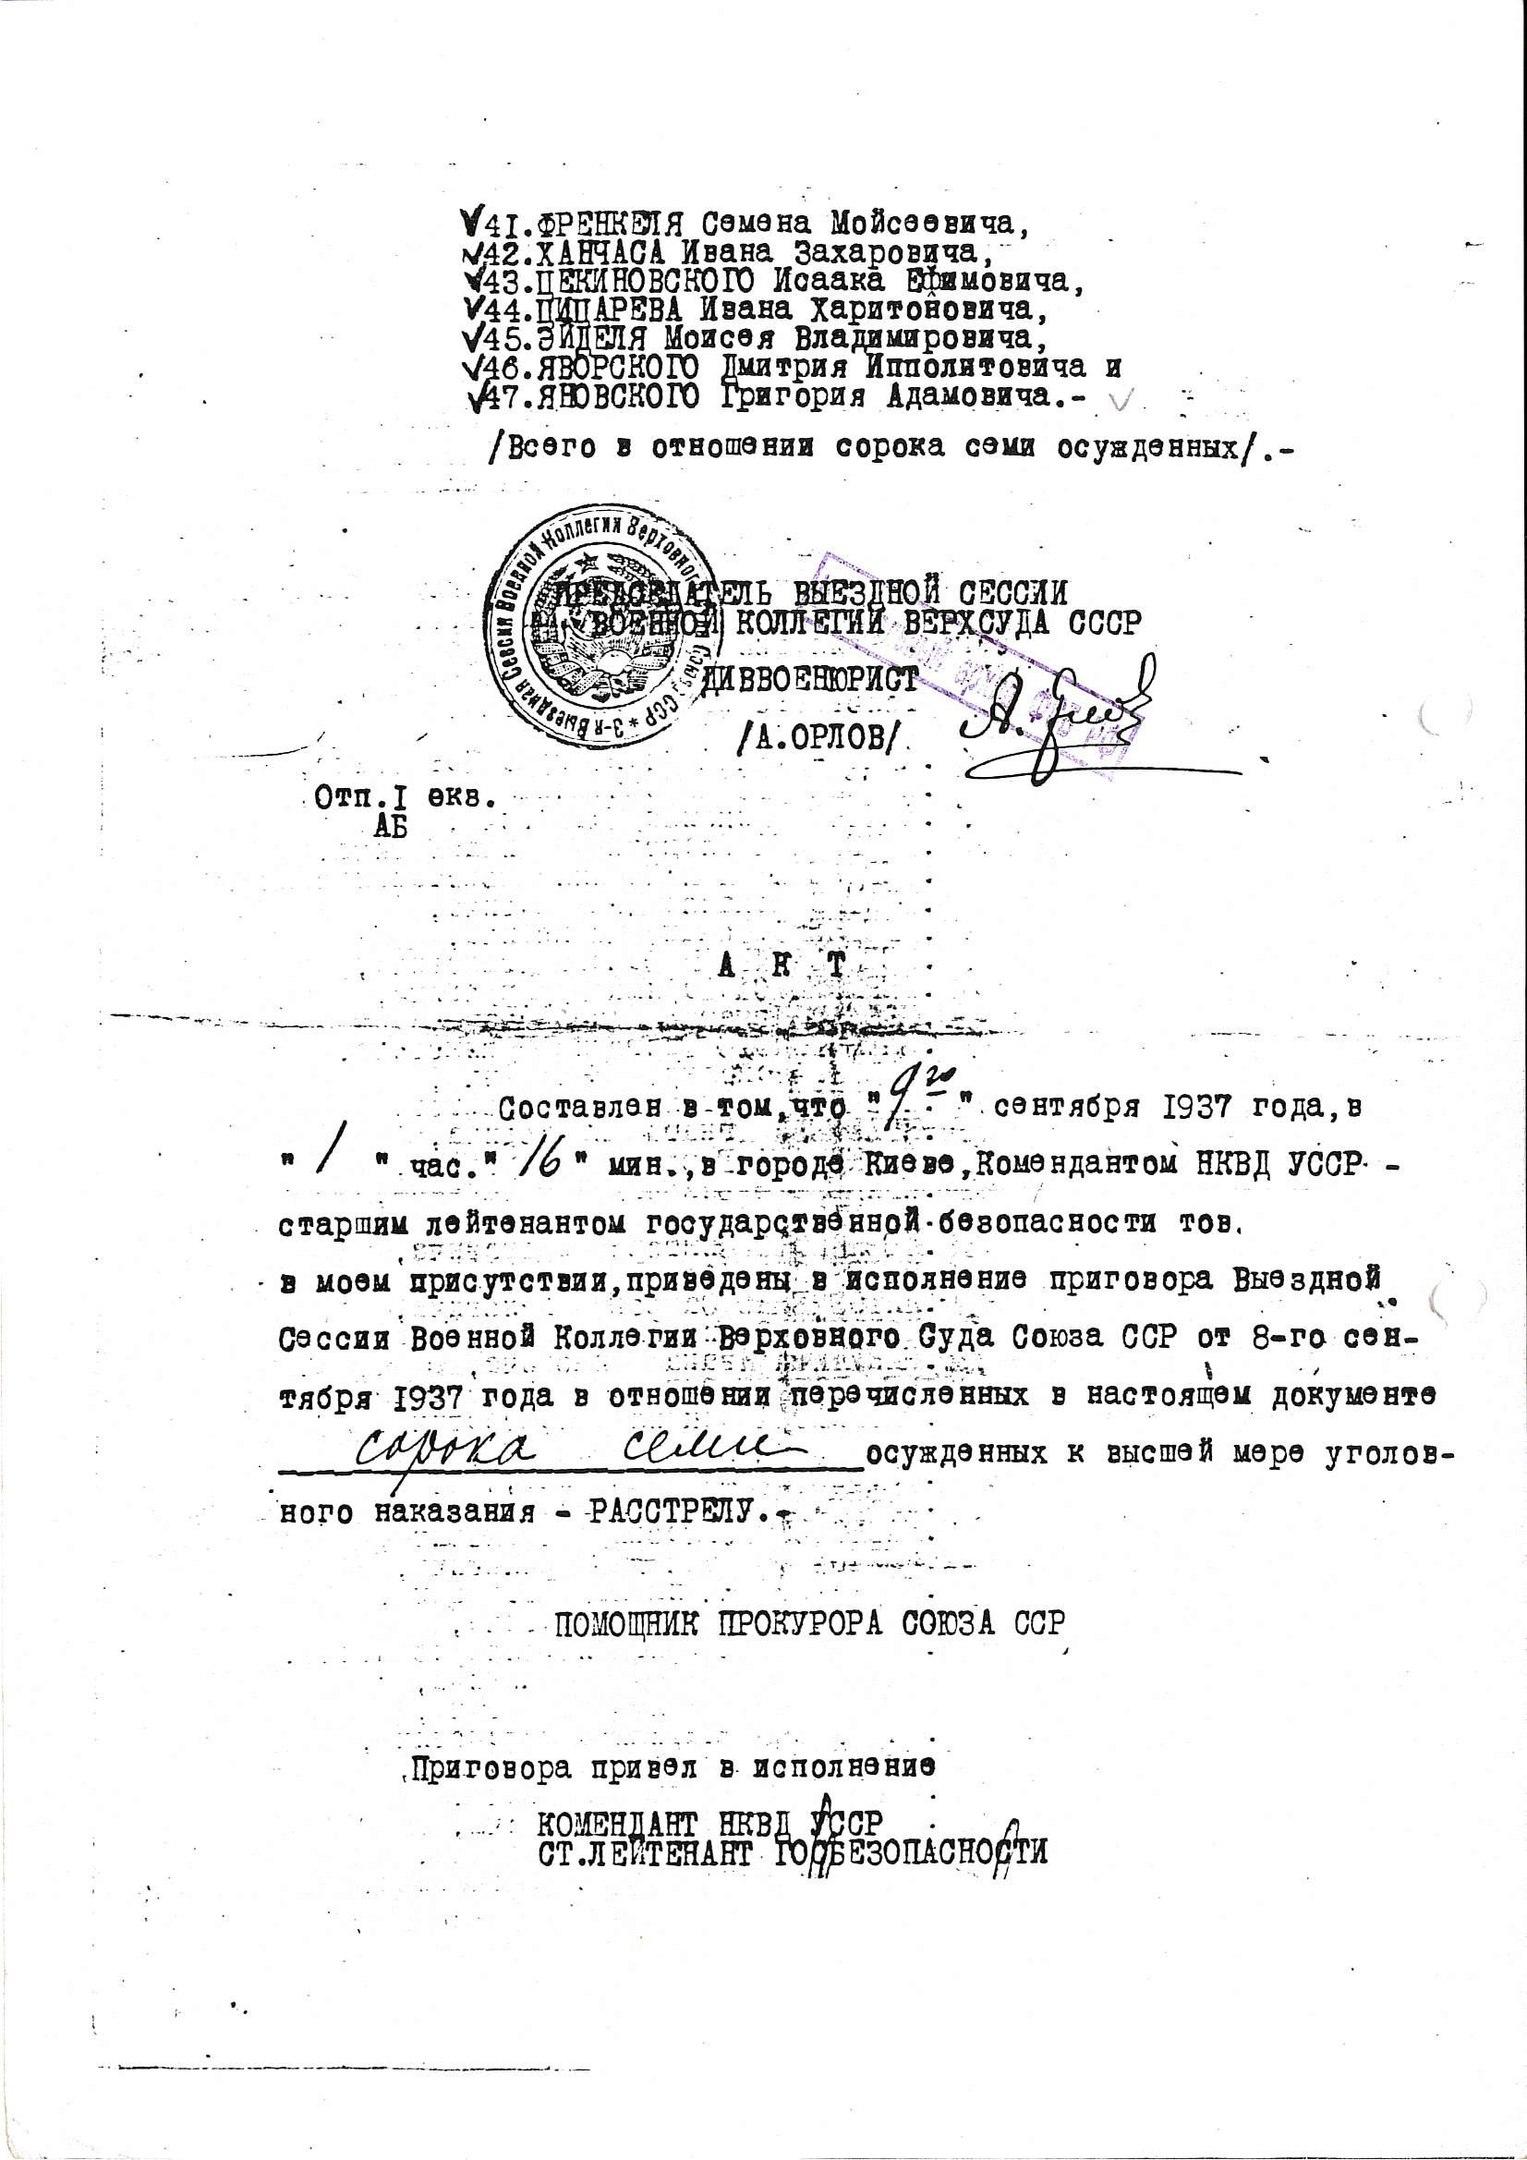 Лепешкин александр иосифович списки член кандидат вкп б